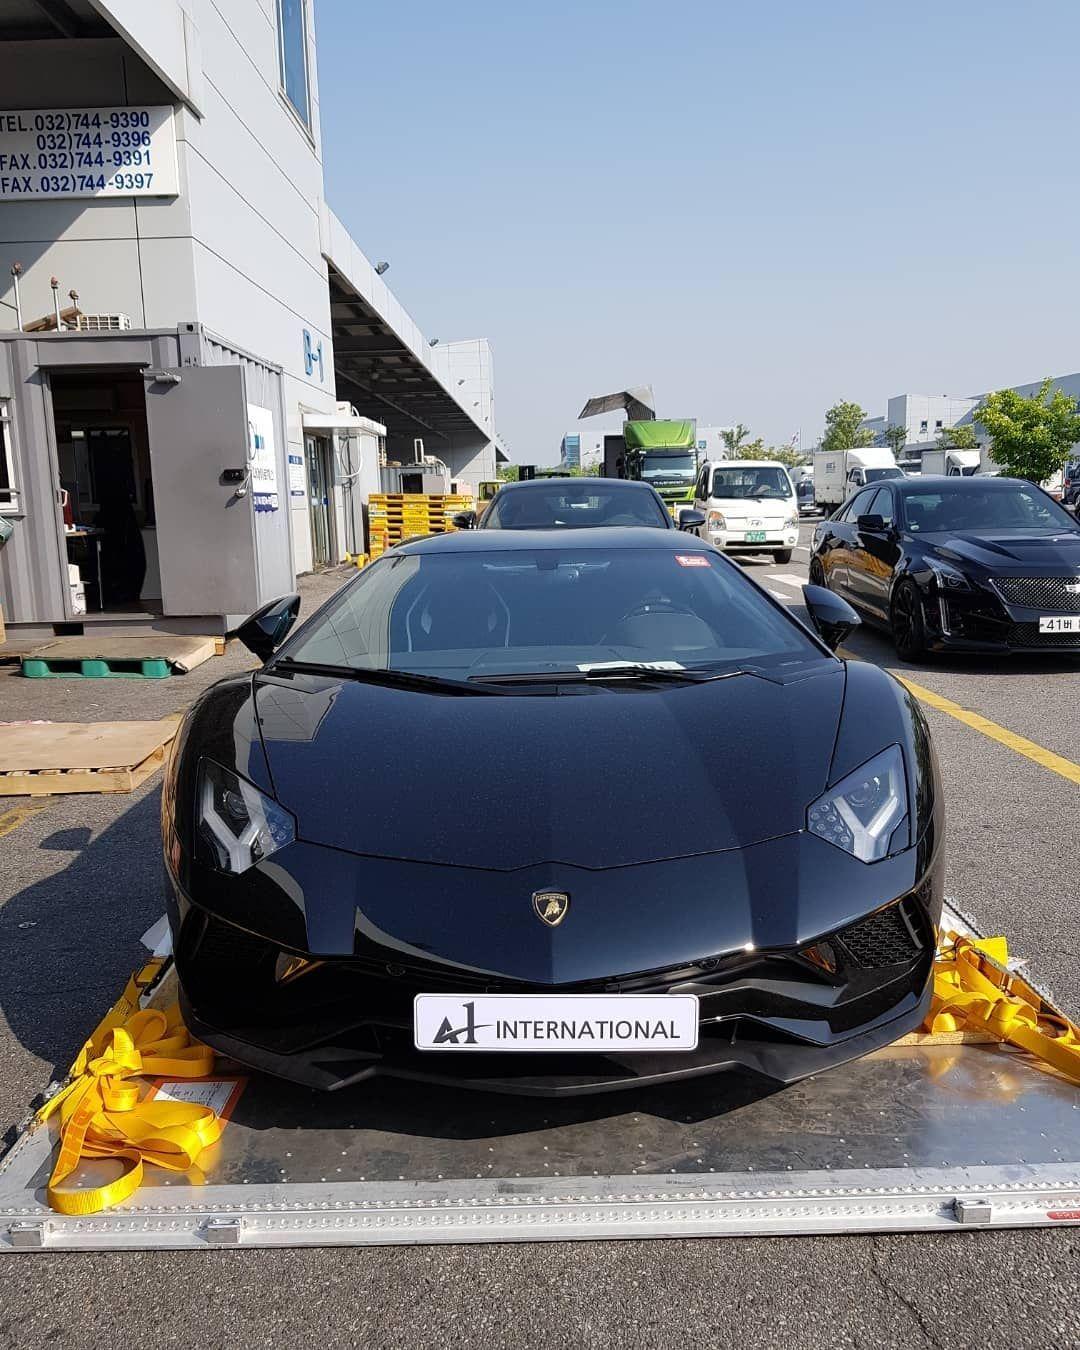 좋아요 1 078개 댓글 3개 Instagram의 A1 International 슈퍼카 럭셔리카 직수입 A1 International 님 람보르기니 아벤타도르s Lp740 Lamborghini Aventadors 인천공항 통관 완료 Bmw Car Bmw Car